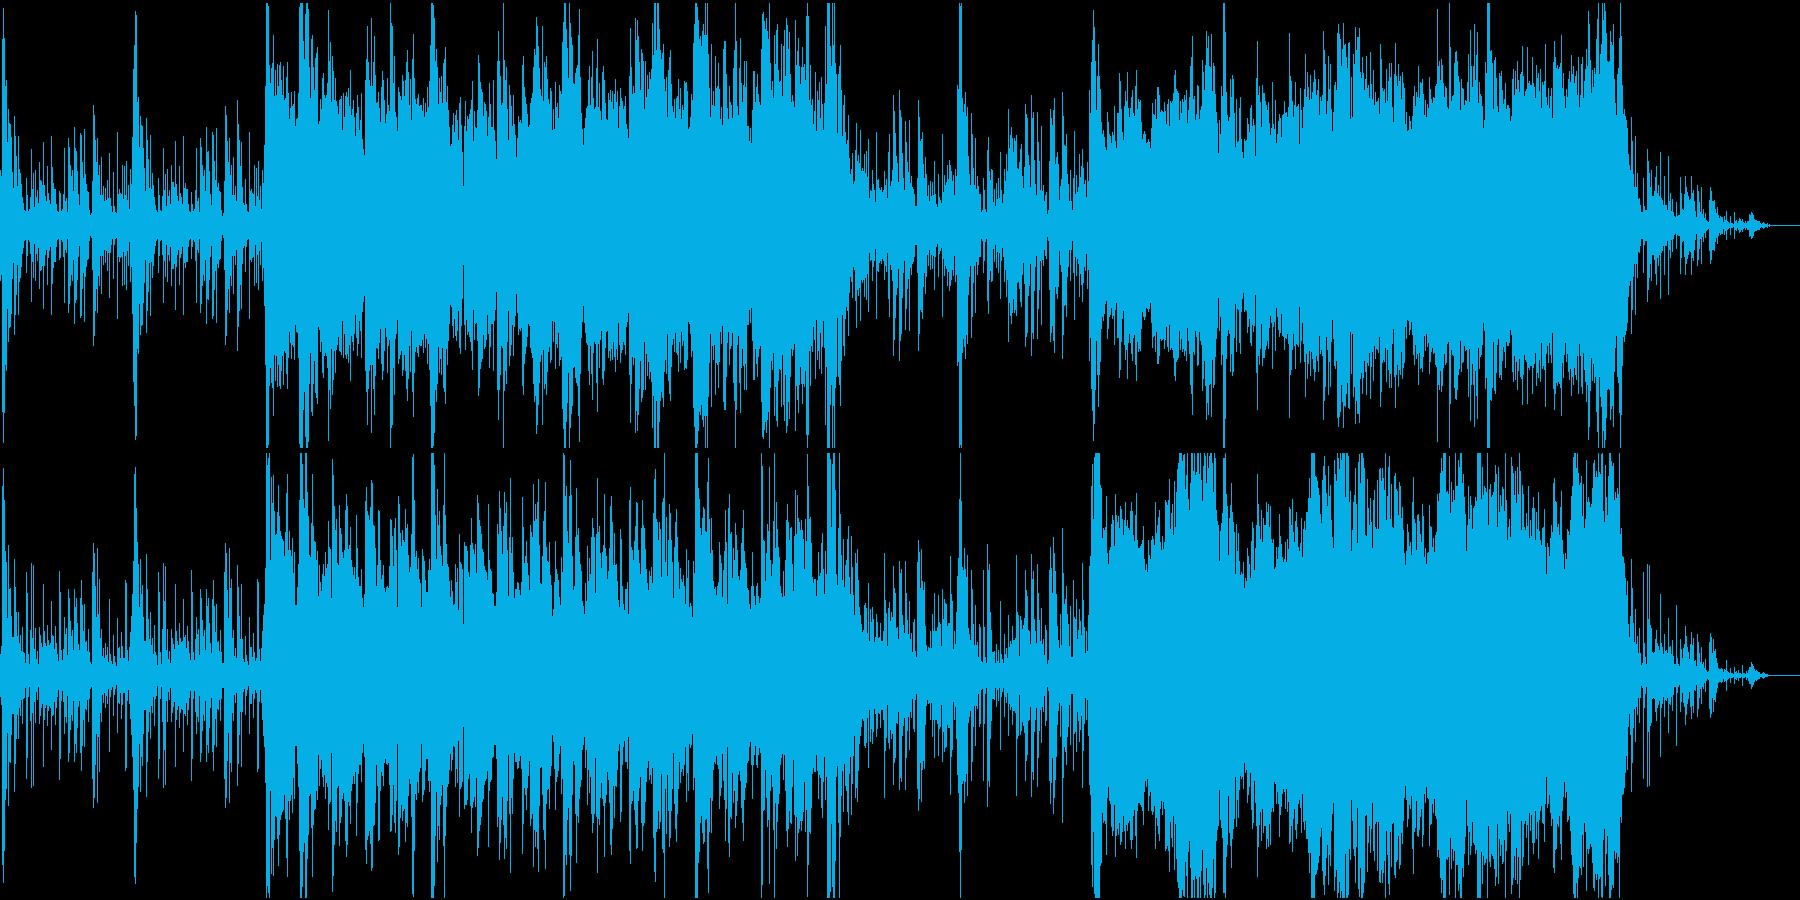 砂漠をイメージしたアラビアンな民族音楽の再生済みの波形